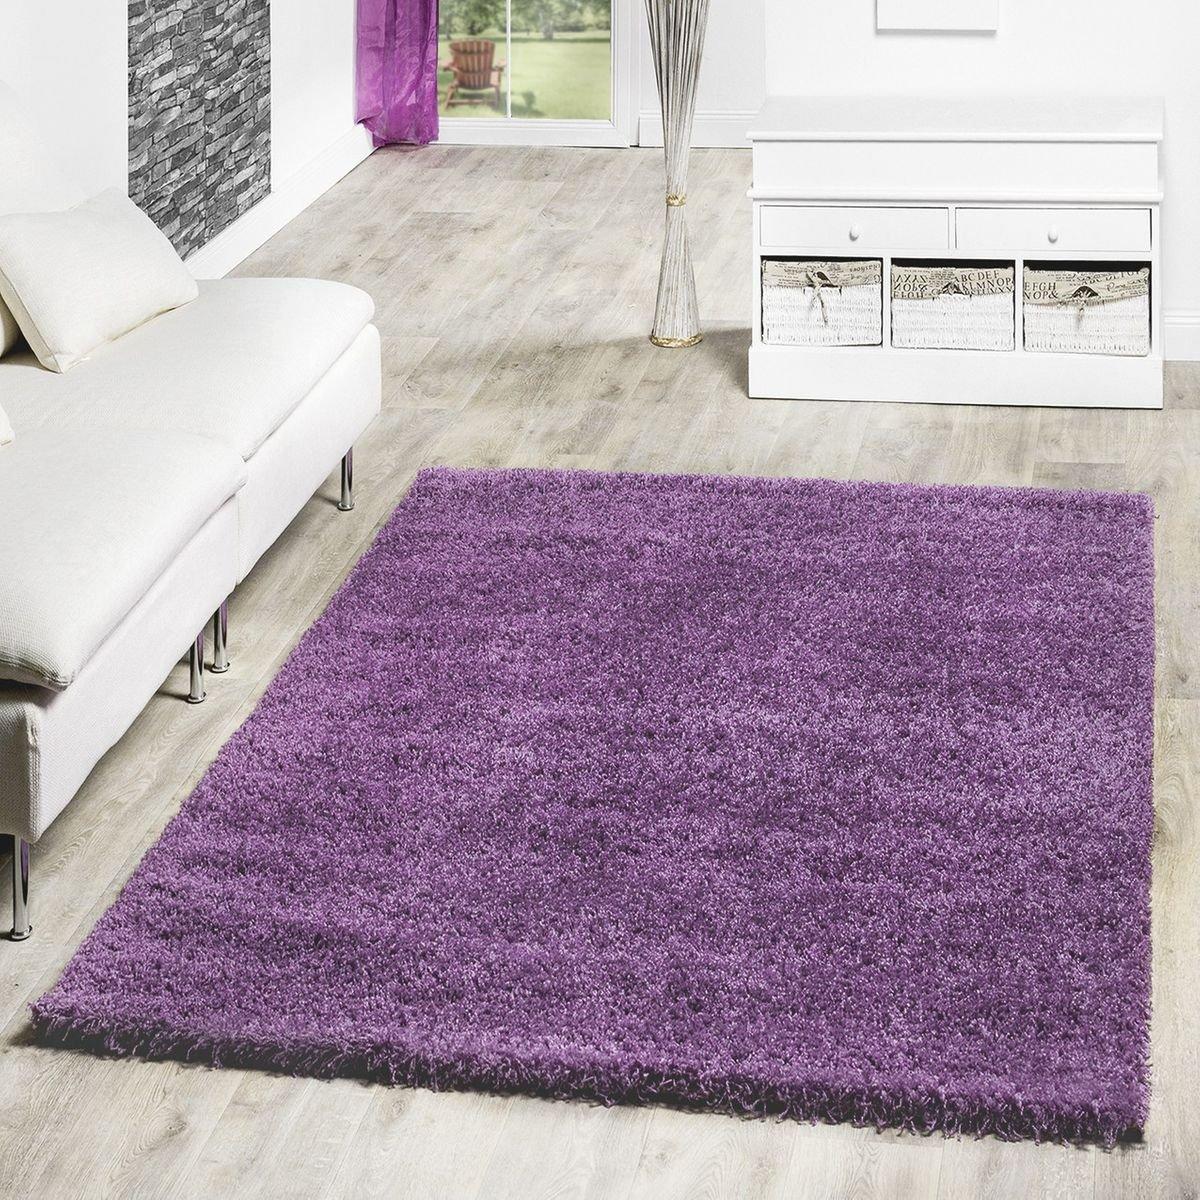 T T Design Shaggy Teppich Hochflor Langflor 200x280 Teppiche